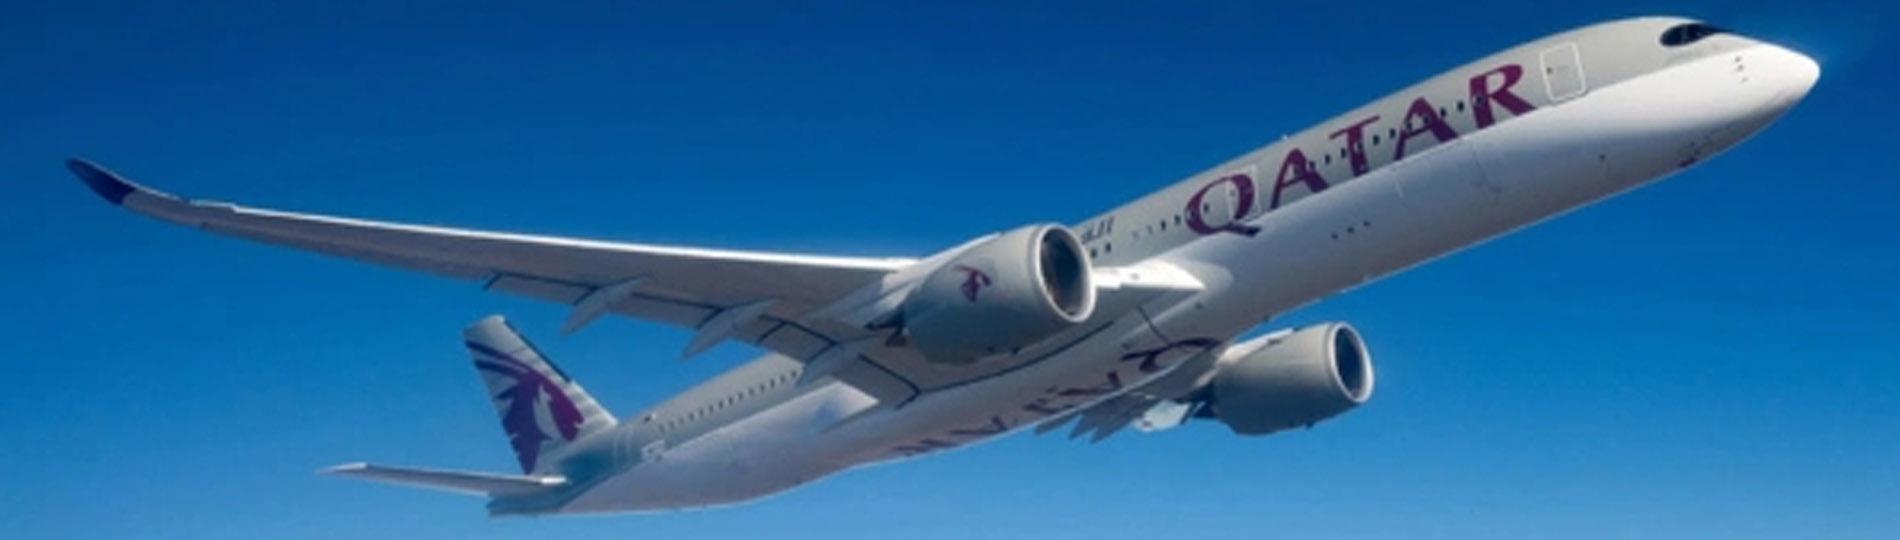 Airbus and Qatar airways debut a carbon fiber plane that curbs jet lag